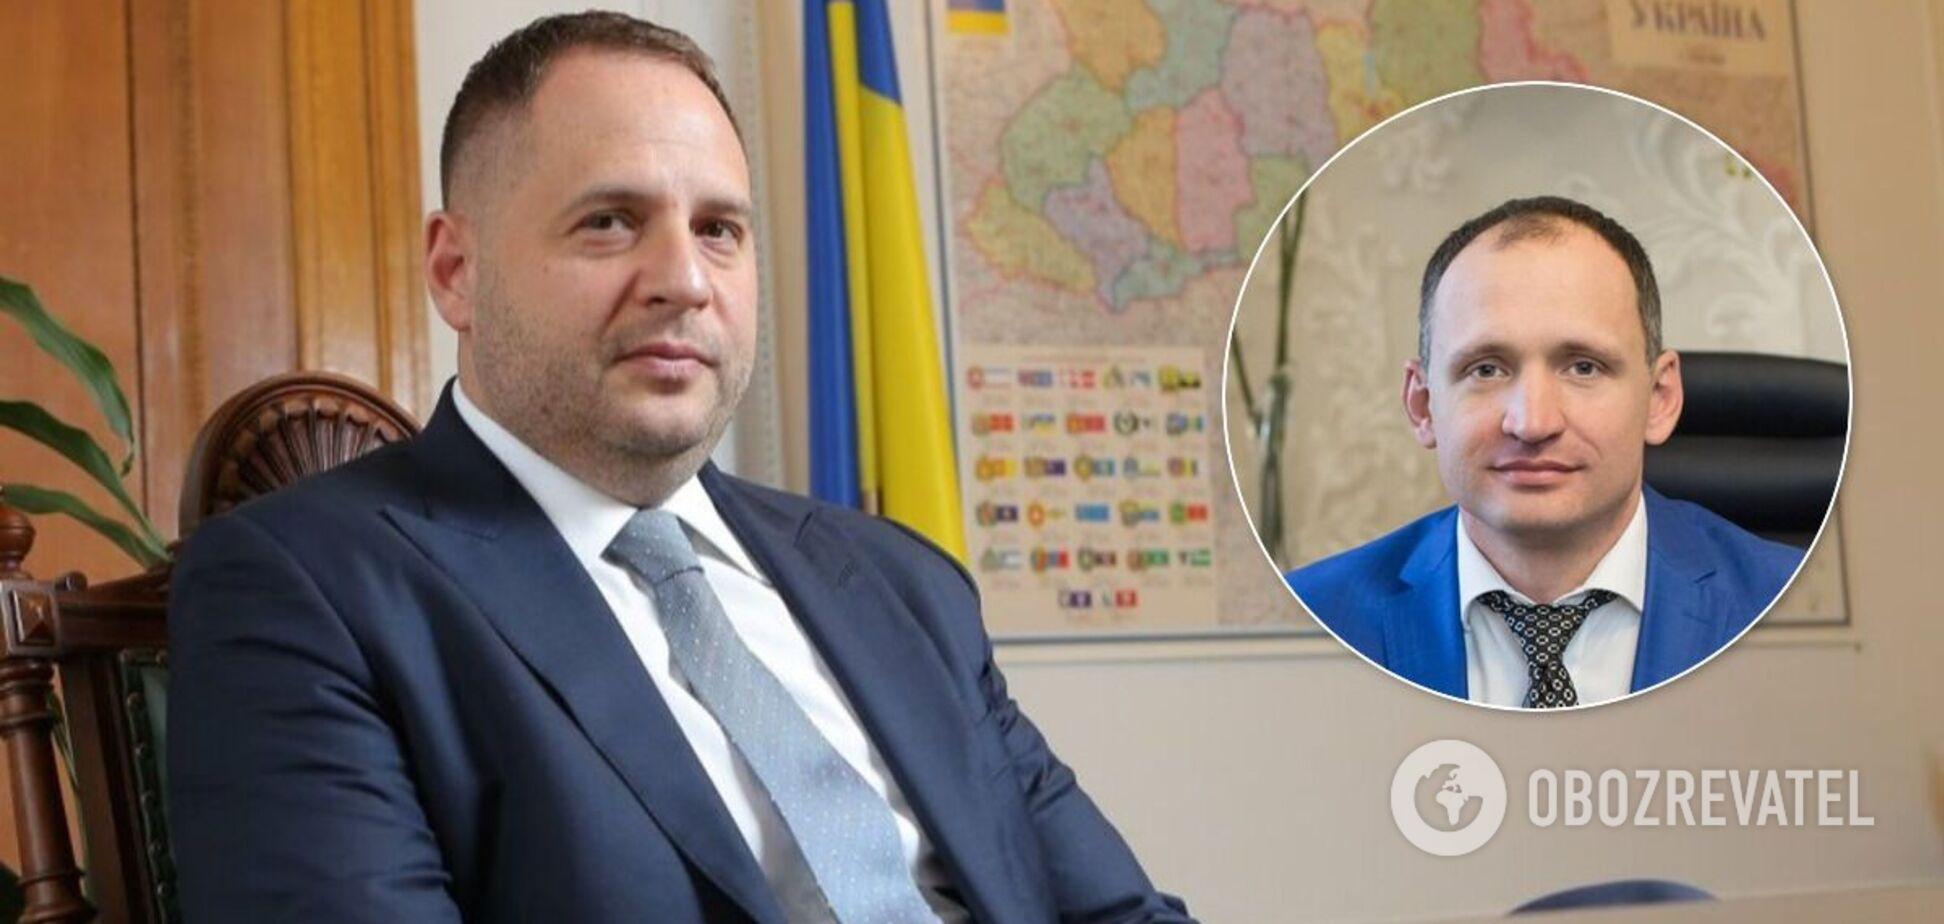 Єрмак підтримав кандидатуру Татарова